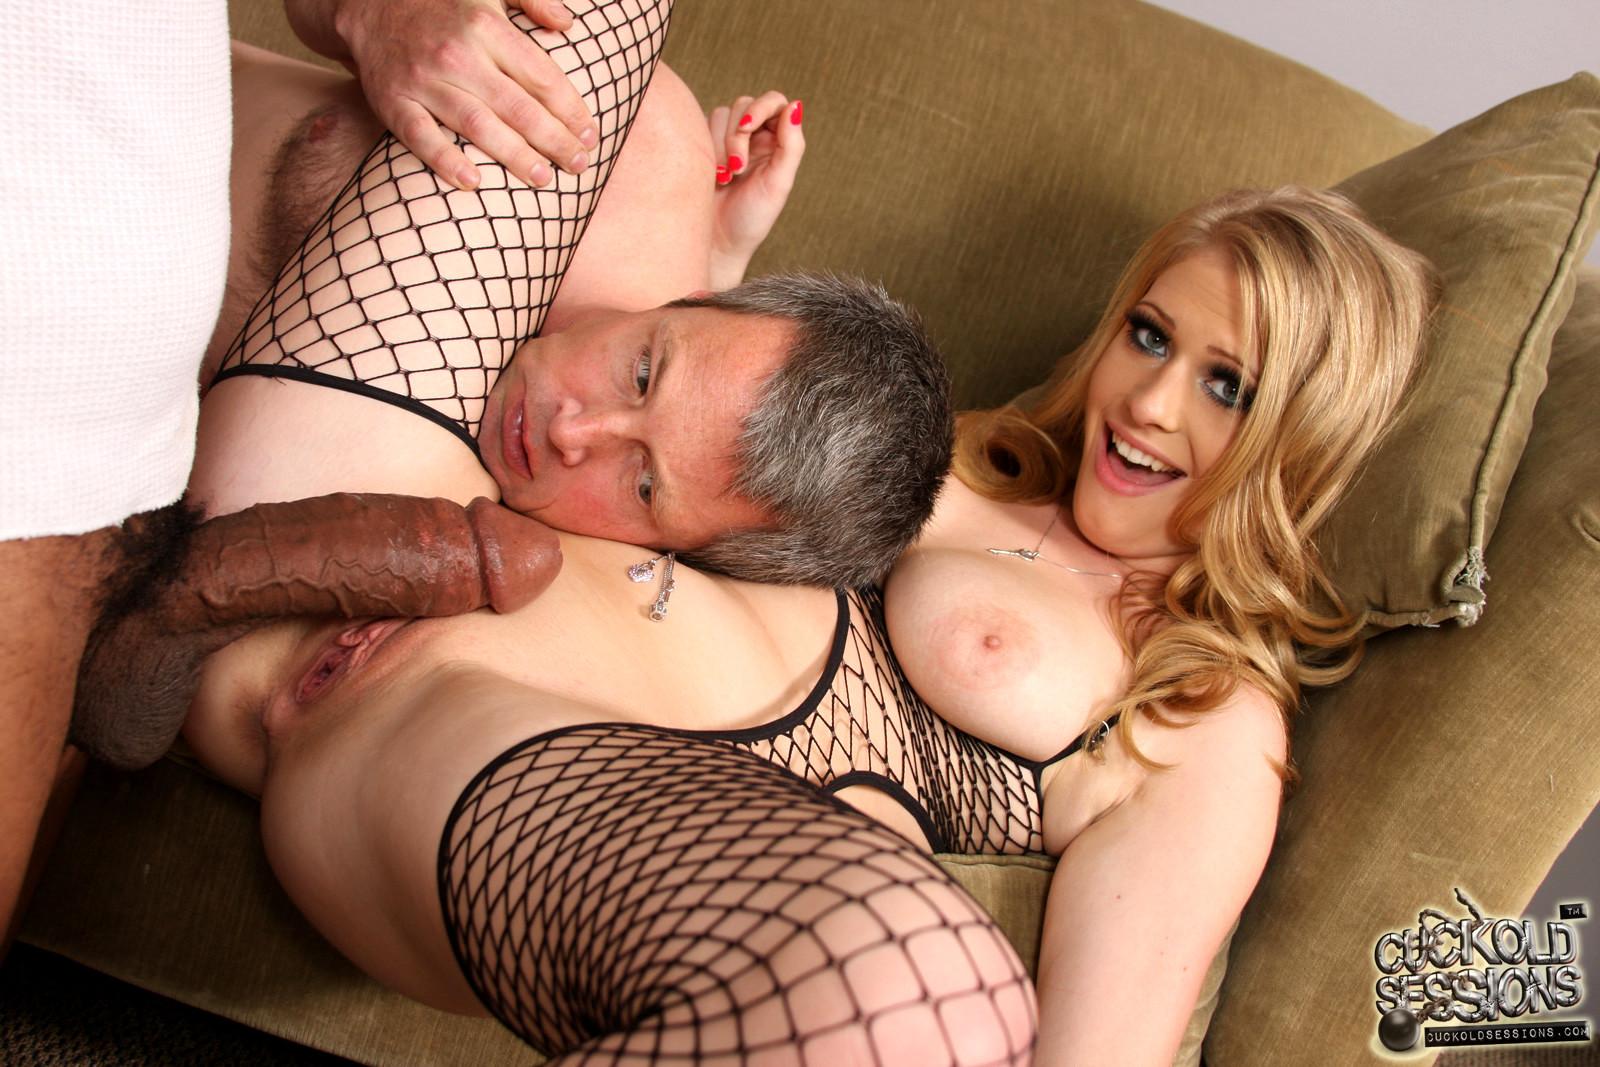 блондинку с большими сиськами ебут при муже порно абсолютно